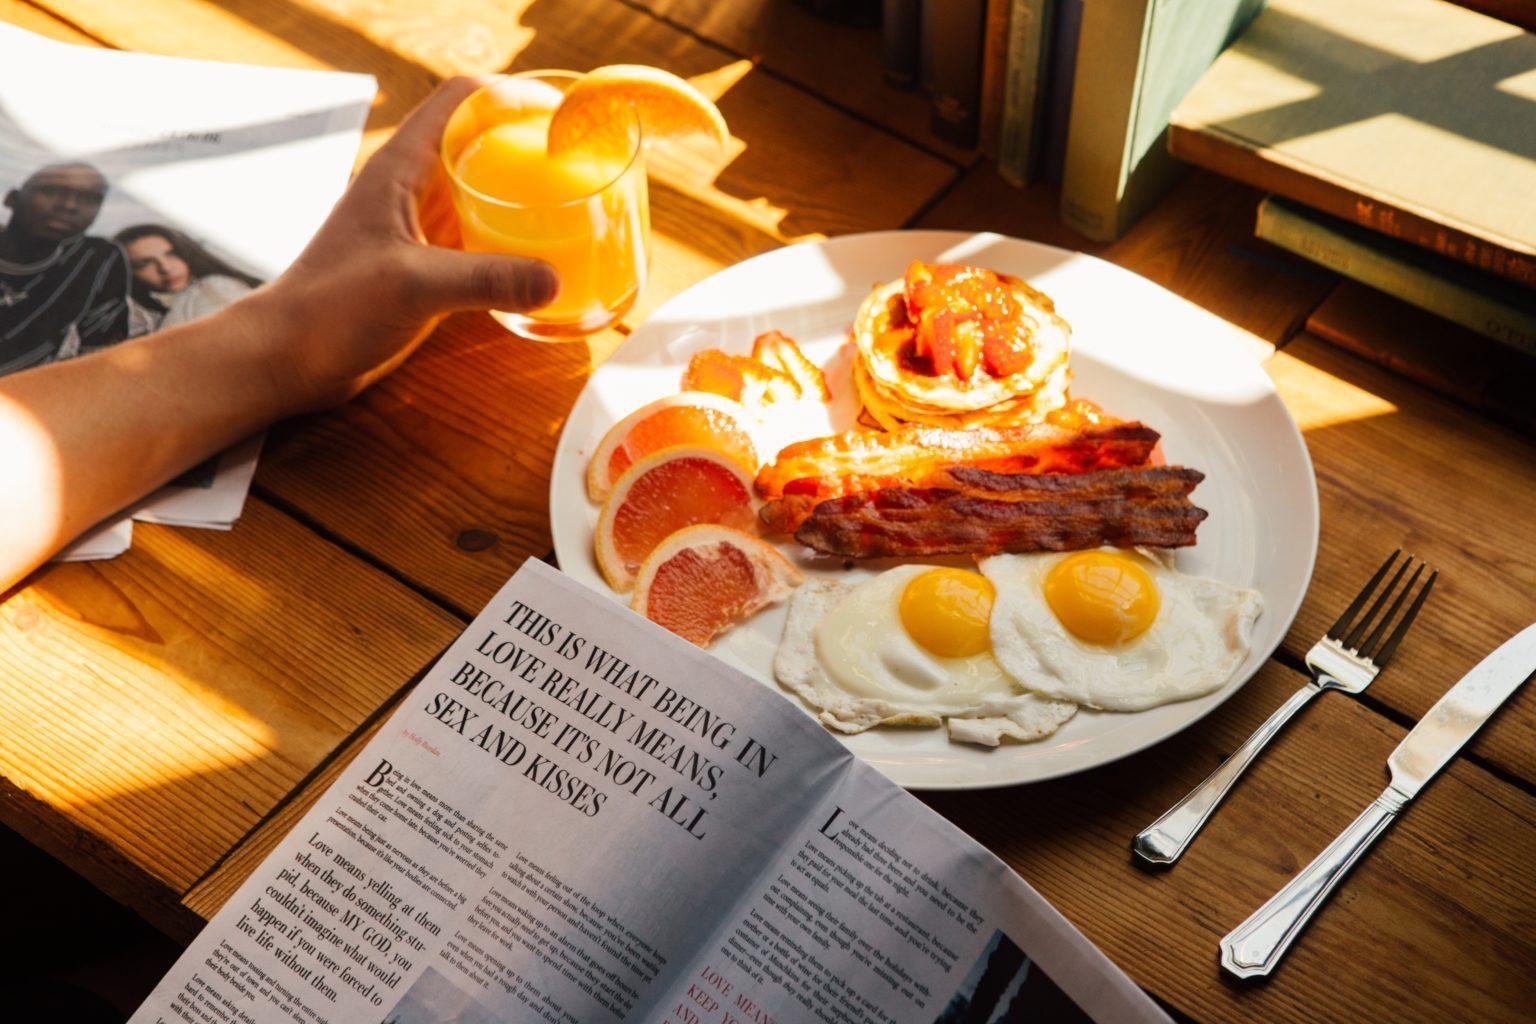 Frühstück mit Speck und Eiern